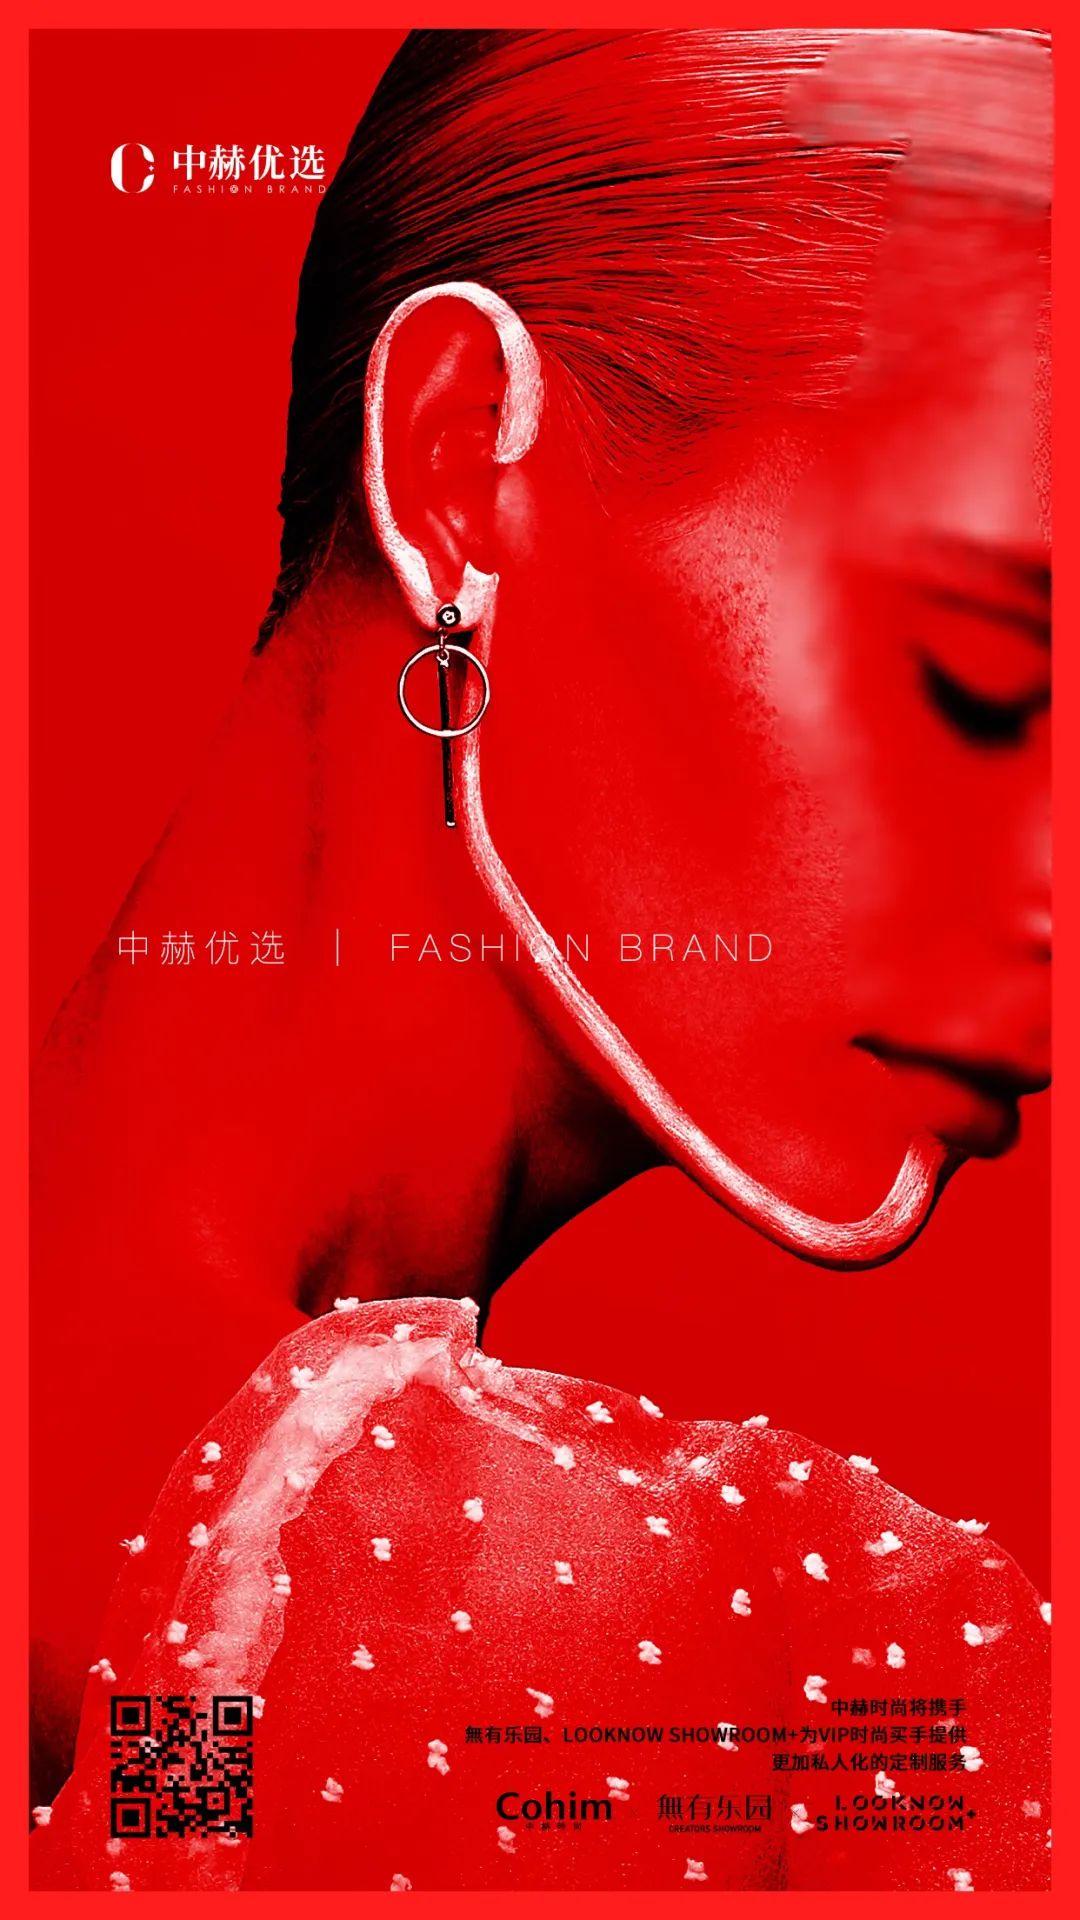 中赫时尚,时尚买手,买手品牌,买手,中赫学员,买手培训